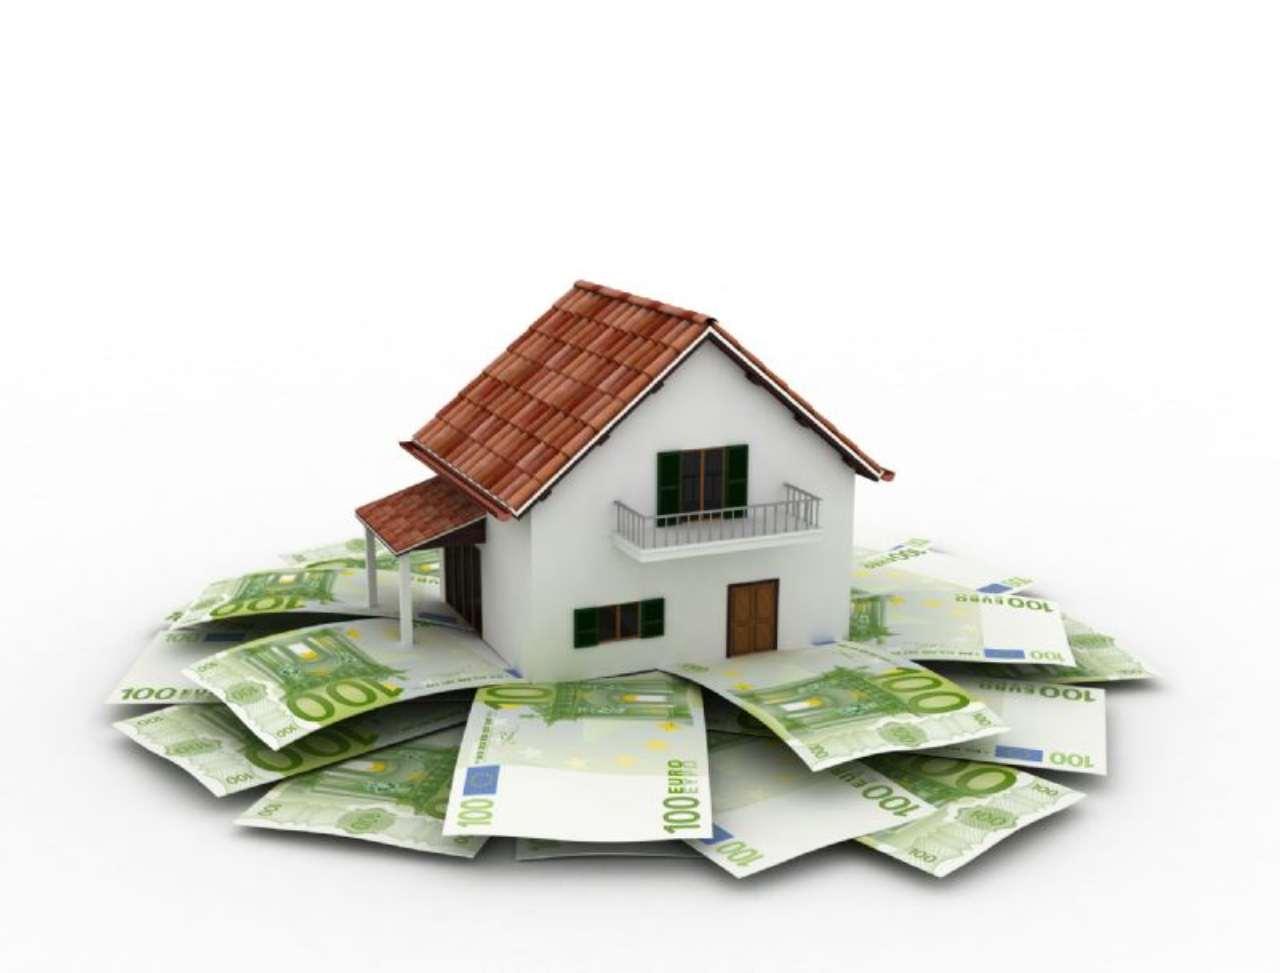 Negozio / Locale in vendita a Venezia, 9999 locali, zona Zona: 11 . Mestre, prezzo € 140.000   Cambio Casa.it